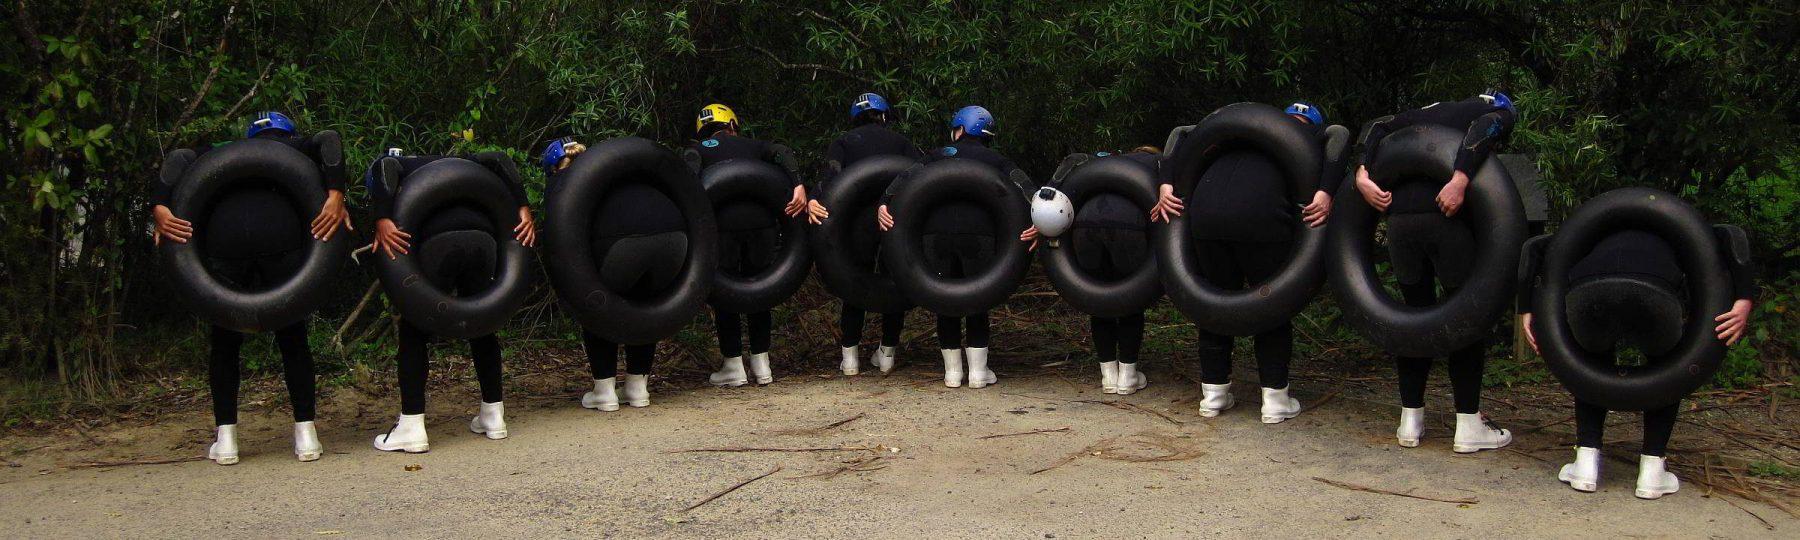 Hintern mit Schwimmreifen bei Waitomo Caves Neuseeland